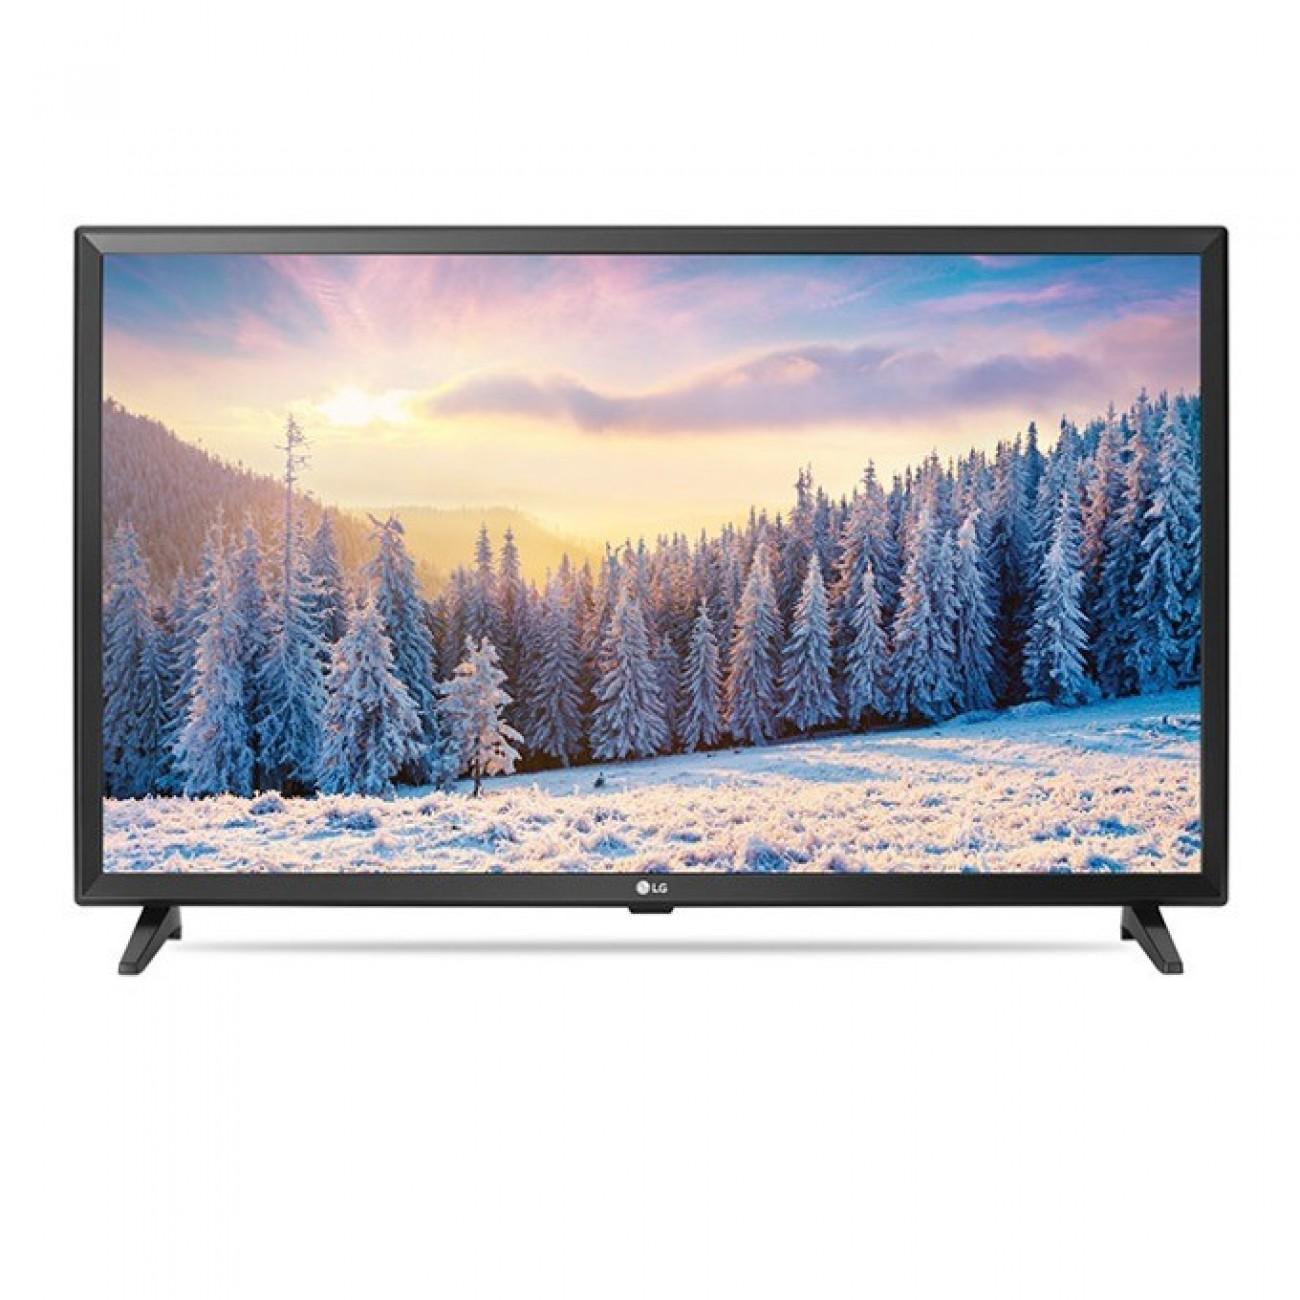 Телевизор LG 32LV340C, 32(81.28 cm)LED Full HD TV, DVB-T2/C/S2, LAN, HDMI, USB в Full HD телевизори - LG | Alleop